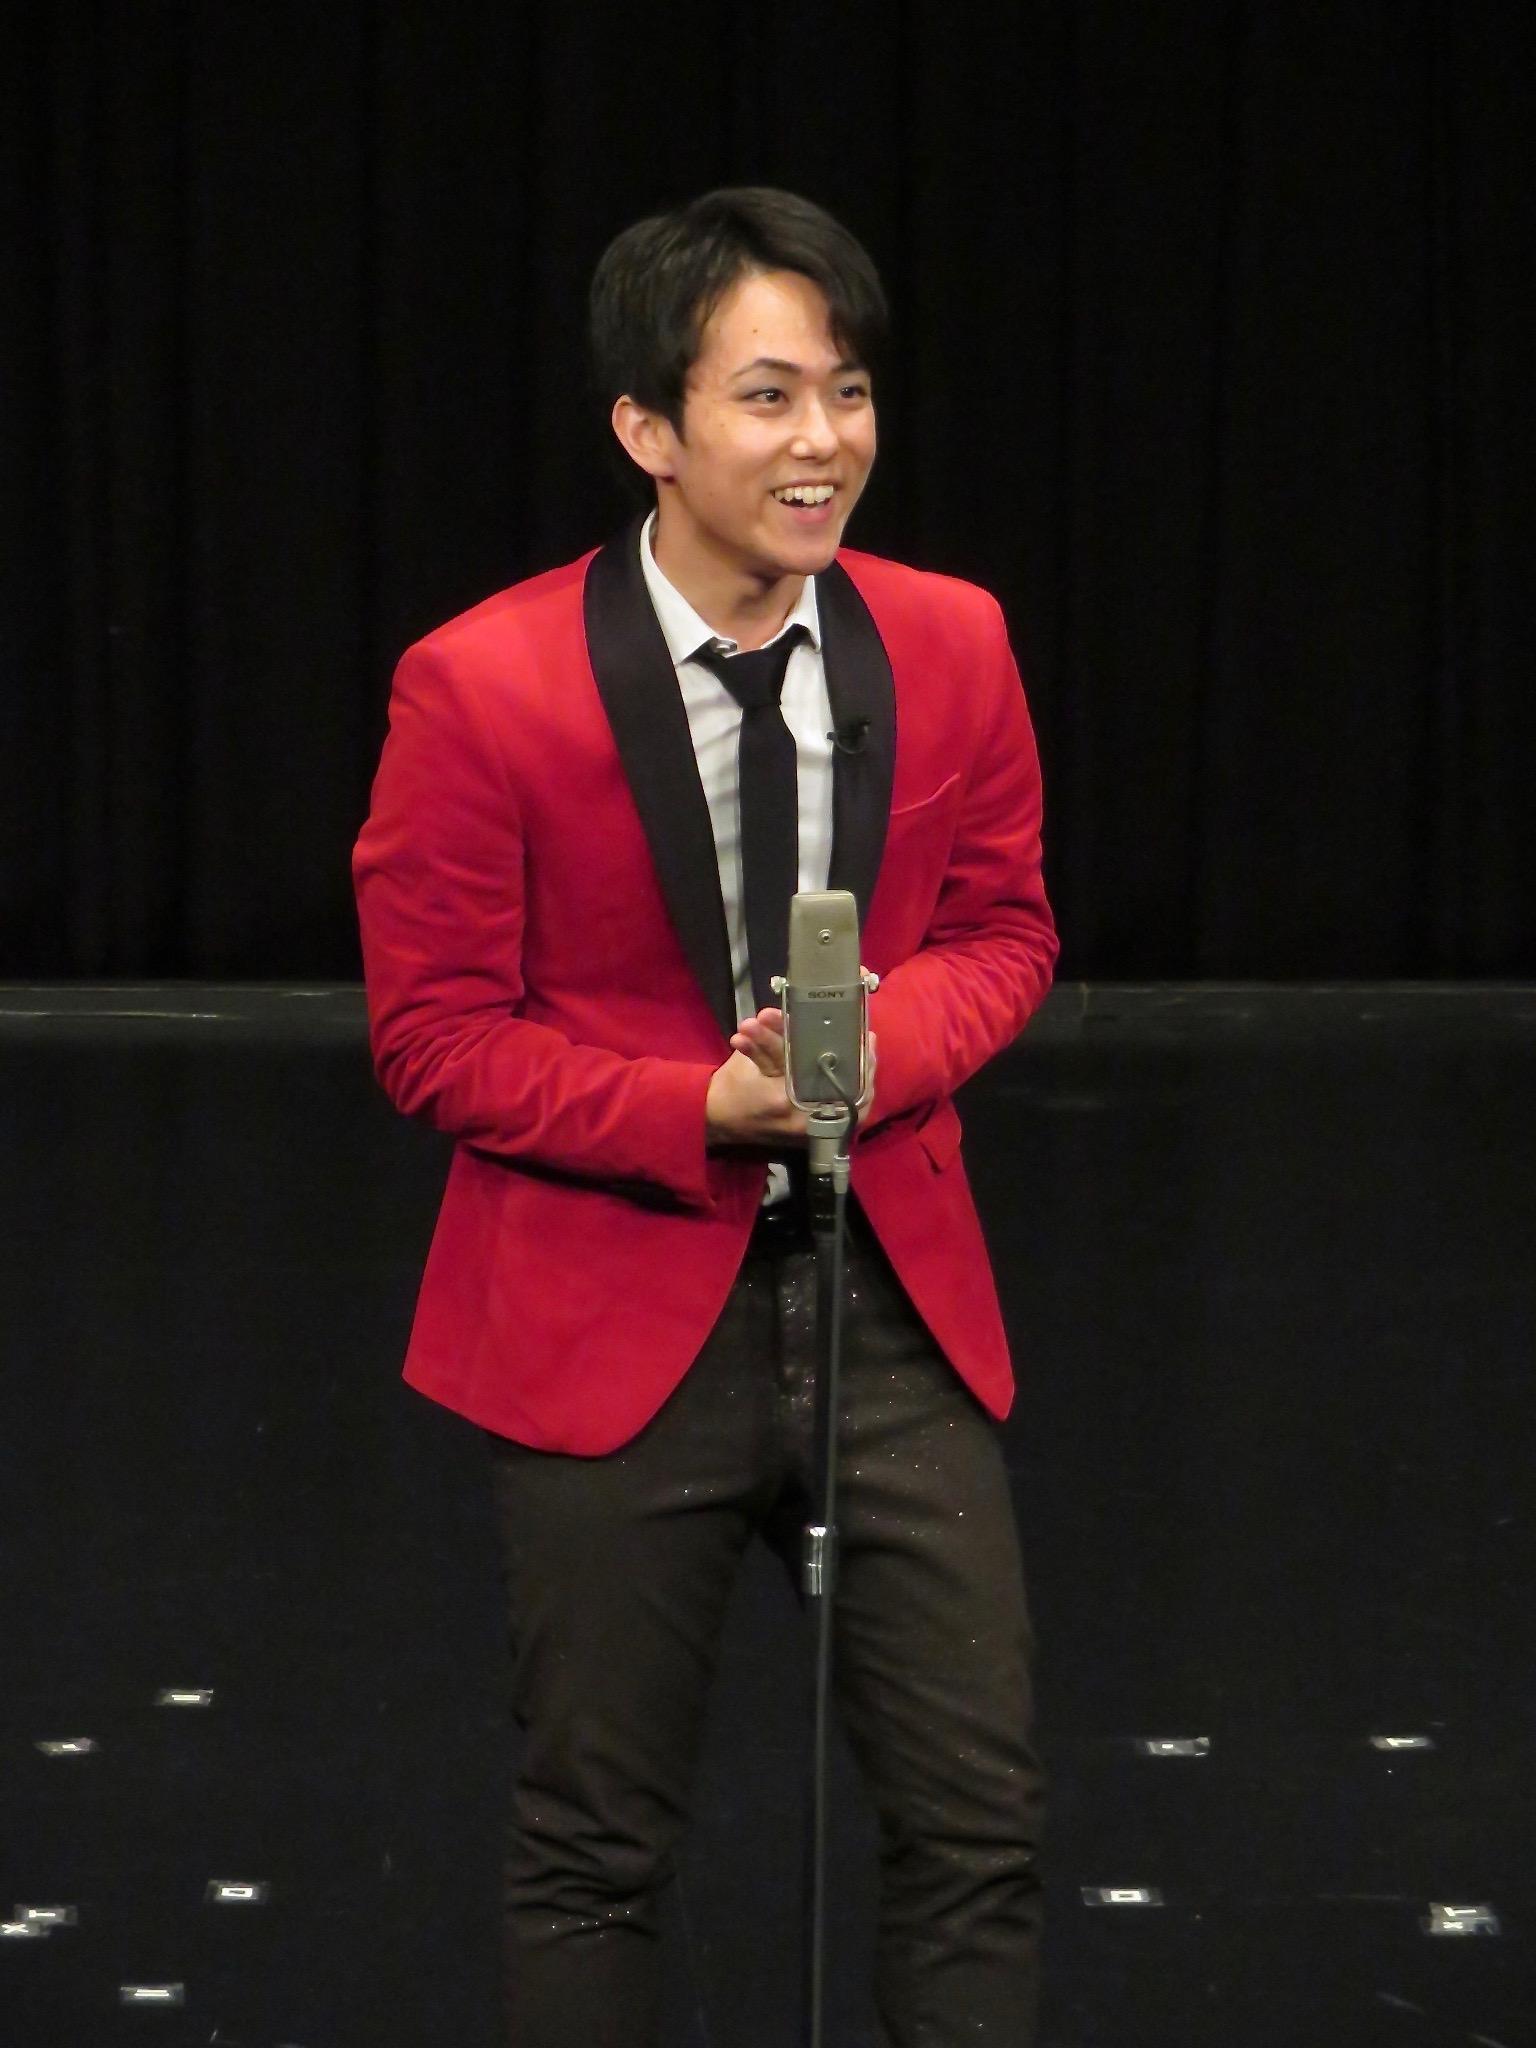 http://news.yoshimoto.co.jp/20181227123303-04eb5358a3c04400cc1a793539d5230c922acd4f.jpeg